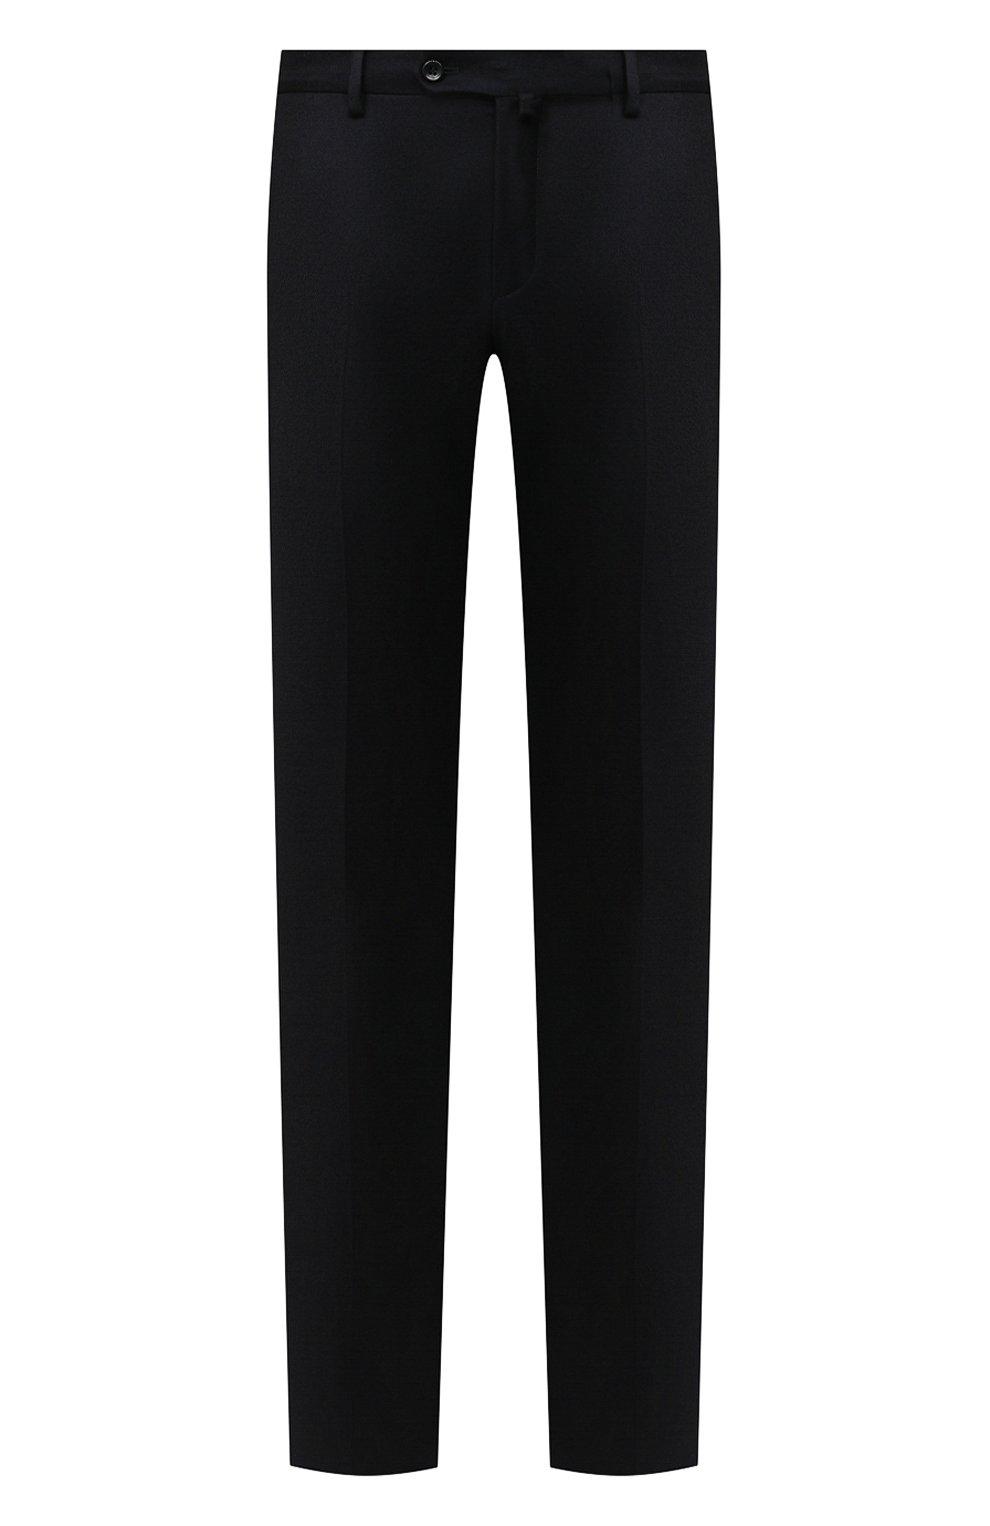 Мужские брюки из шерсти и кашемира LORO PIANA темно-синего цвета, арт. FAI3433 | Фото 1 (Материал внешний: Шерсть; Длина (брюки, джинсы): Стандартные; Стили: Классический; Материал подклада: Синтетический материал; Случай: Формальный)